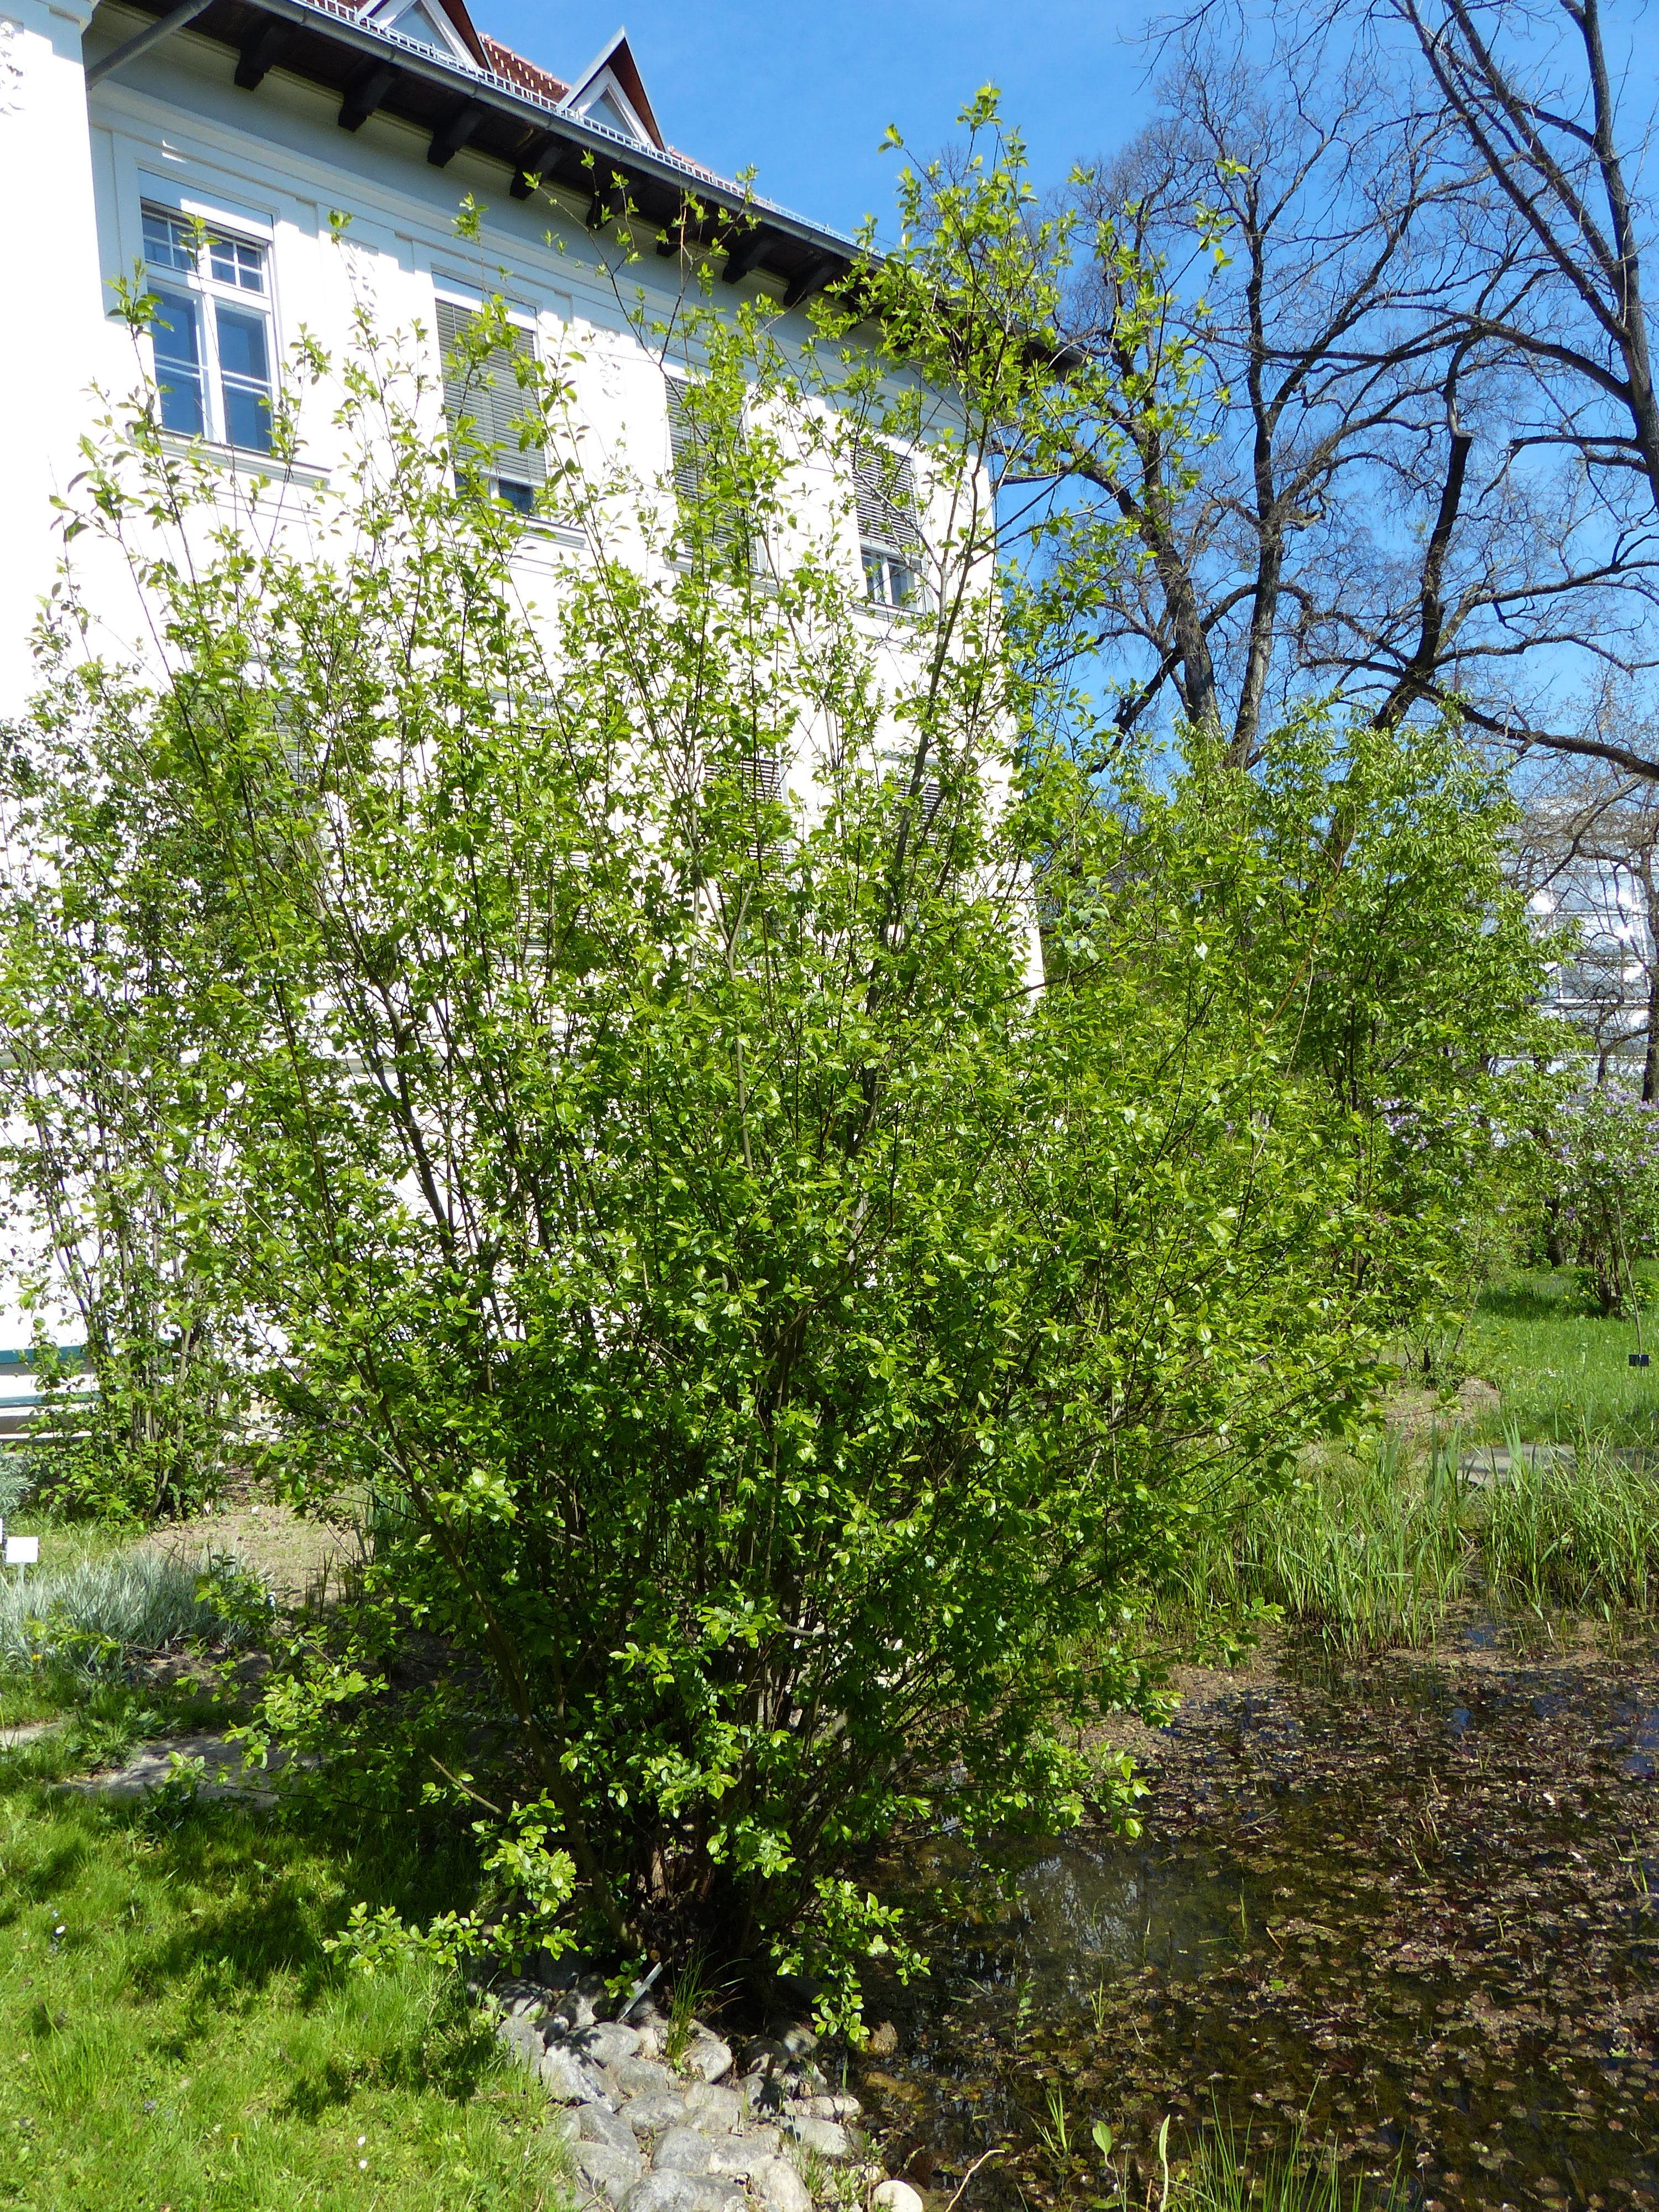 © Dipartimento di Scienze della Vita, Università di Trieste<br>by Andrea Moro<br>Comune di Graz, Botanischer Garten - Karl-Franzens-Universität Graz, Steiermark, Austria, 23/04/2017<br>Distributed under CC-BY-SA 4.0 license.